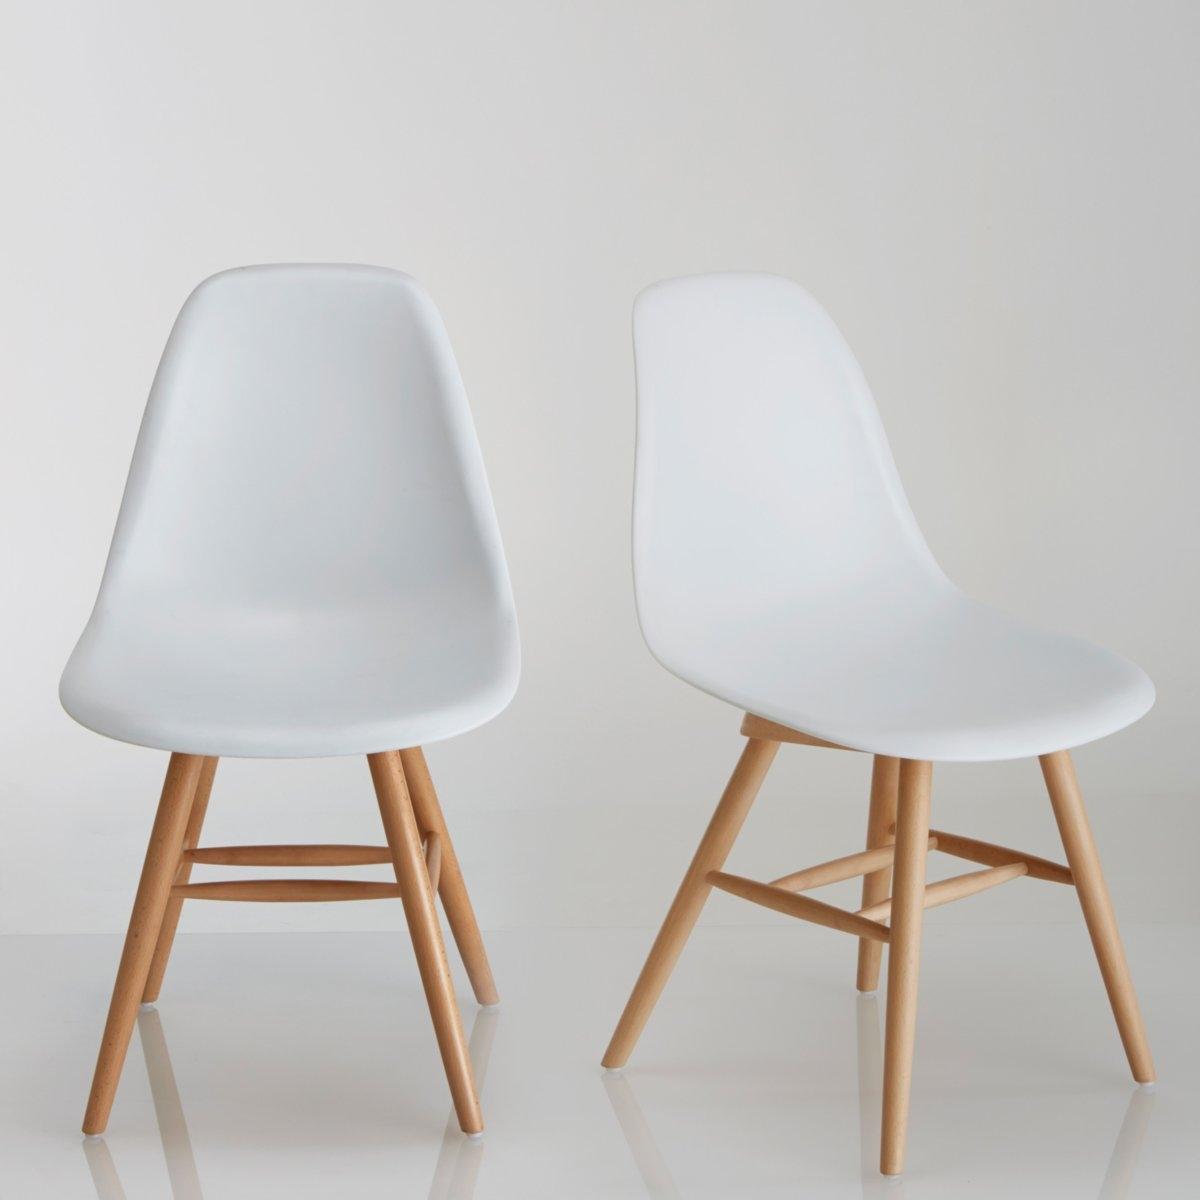 Комплект из 2 пластиковых стульев, Jimi